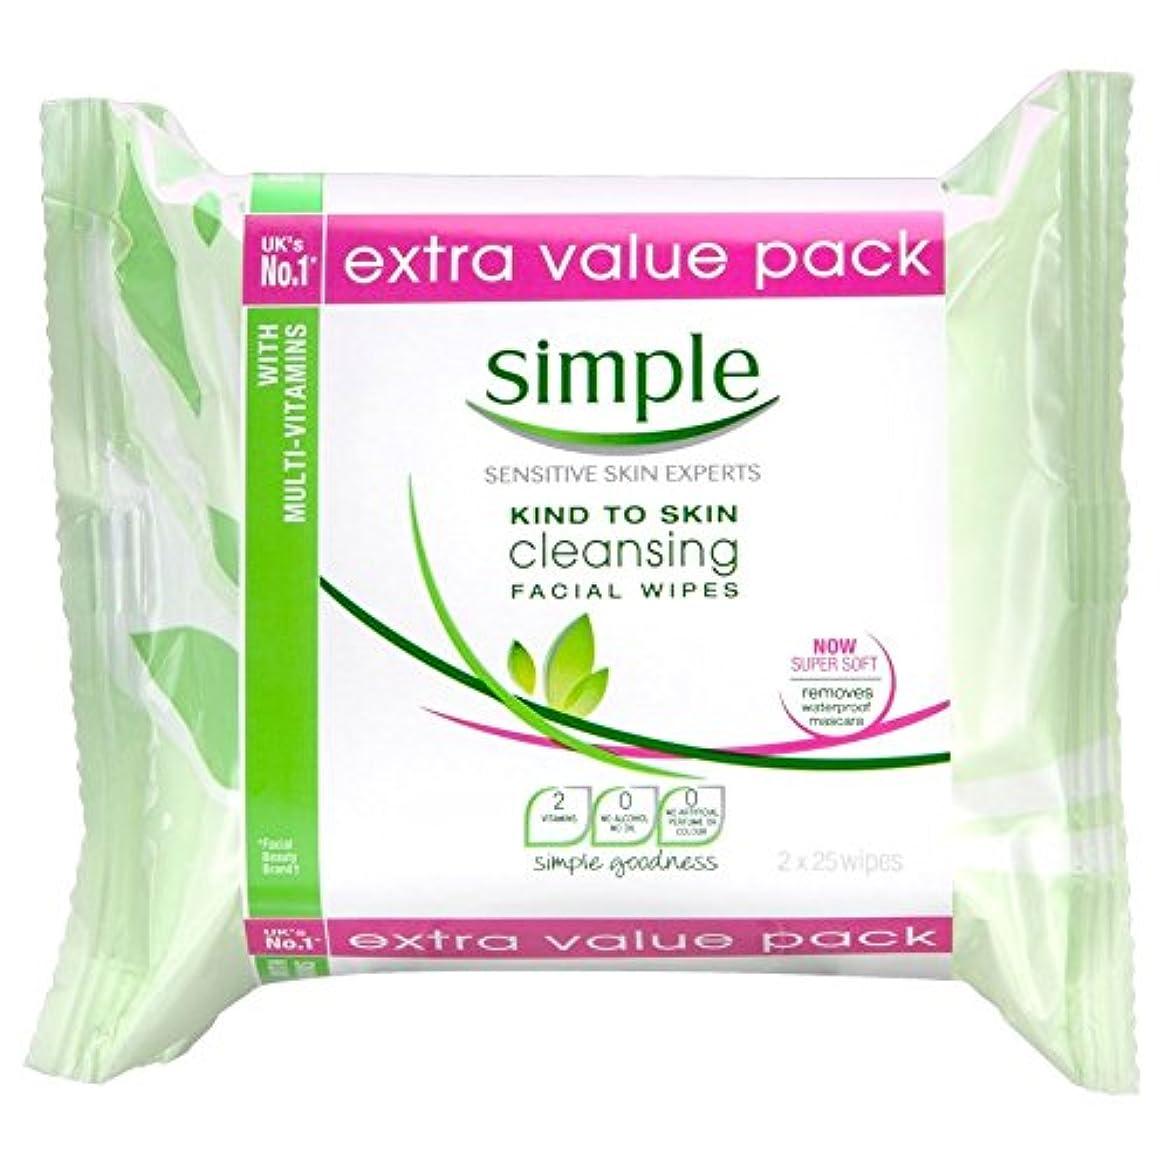 調整ベテランオーバーコートSimple Cleansing Facial Wipes (25 per pack x 2) シンプルなクレンジングフェイシャルワイプ(パックあたり25× 2 ) [並行輸入品]